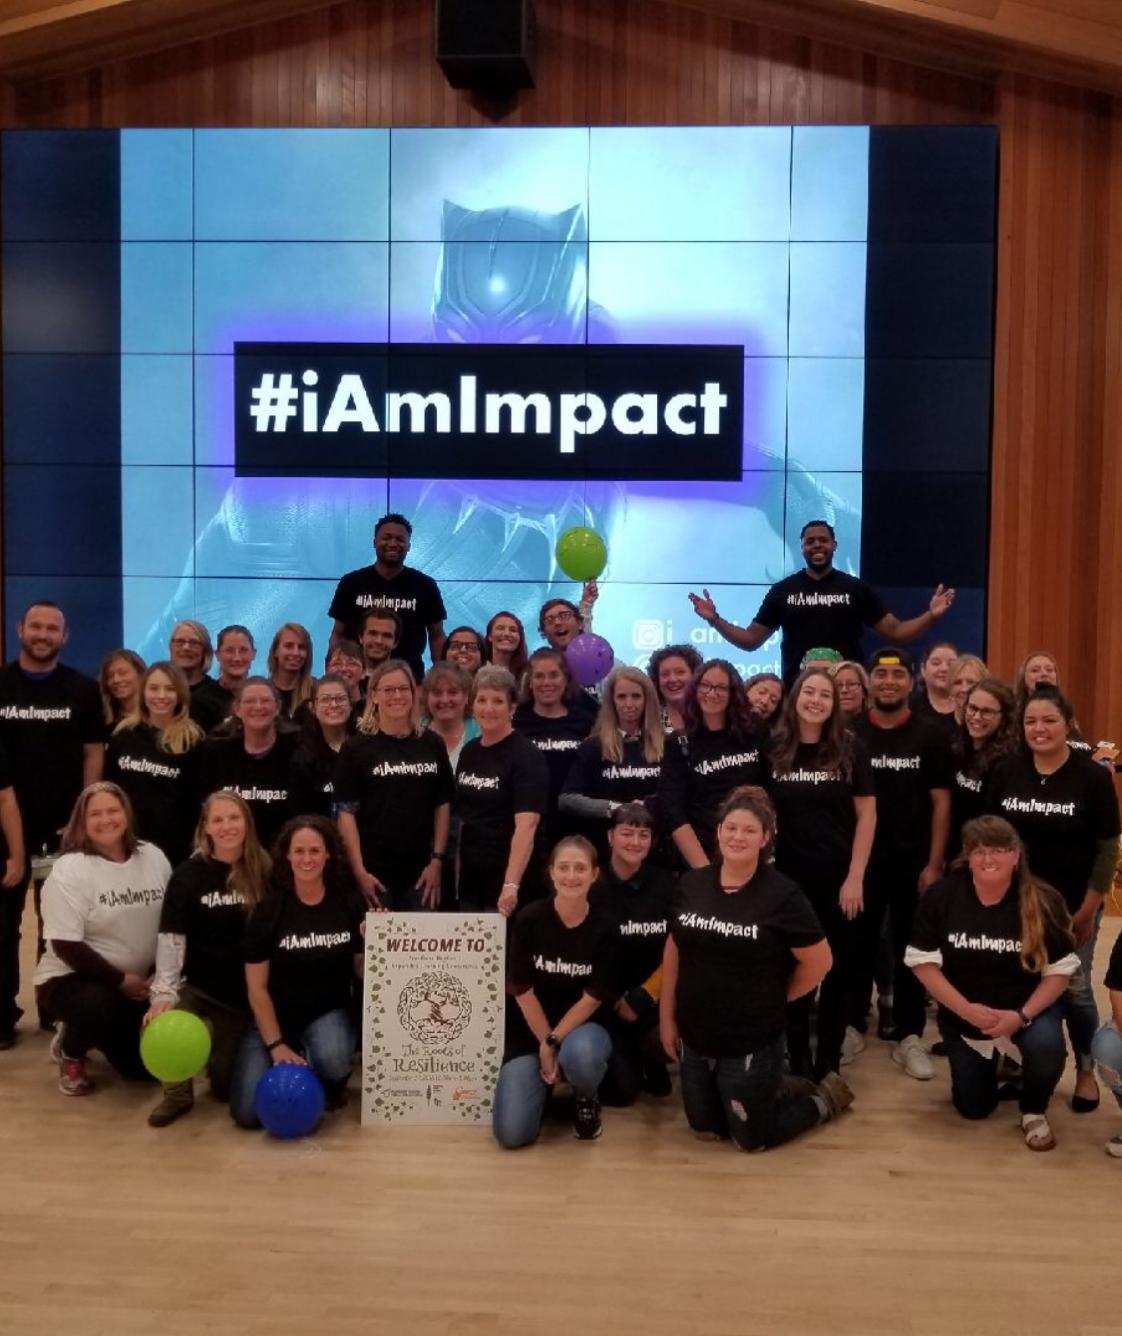 #iAmImpact